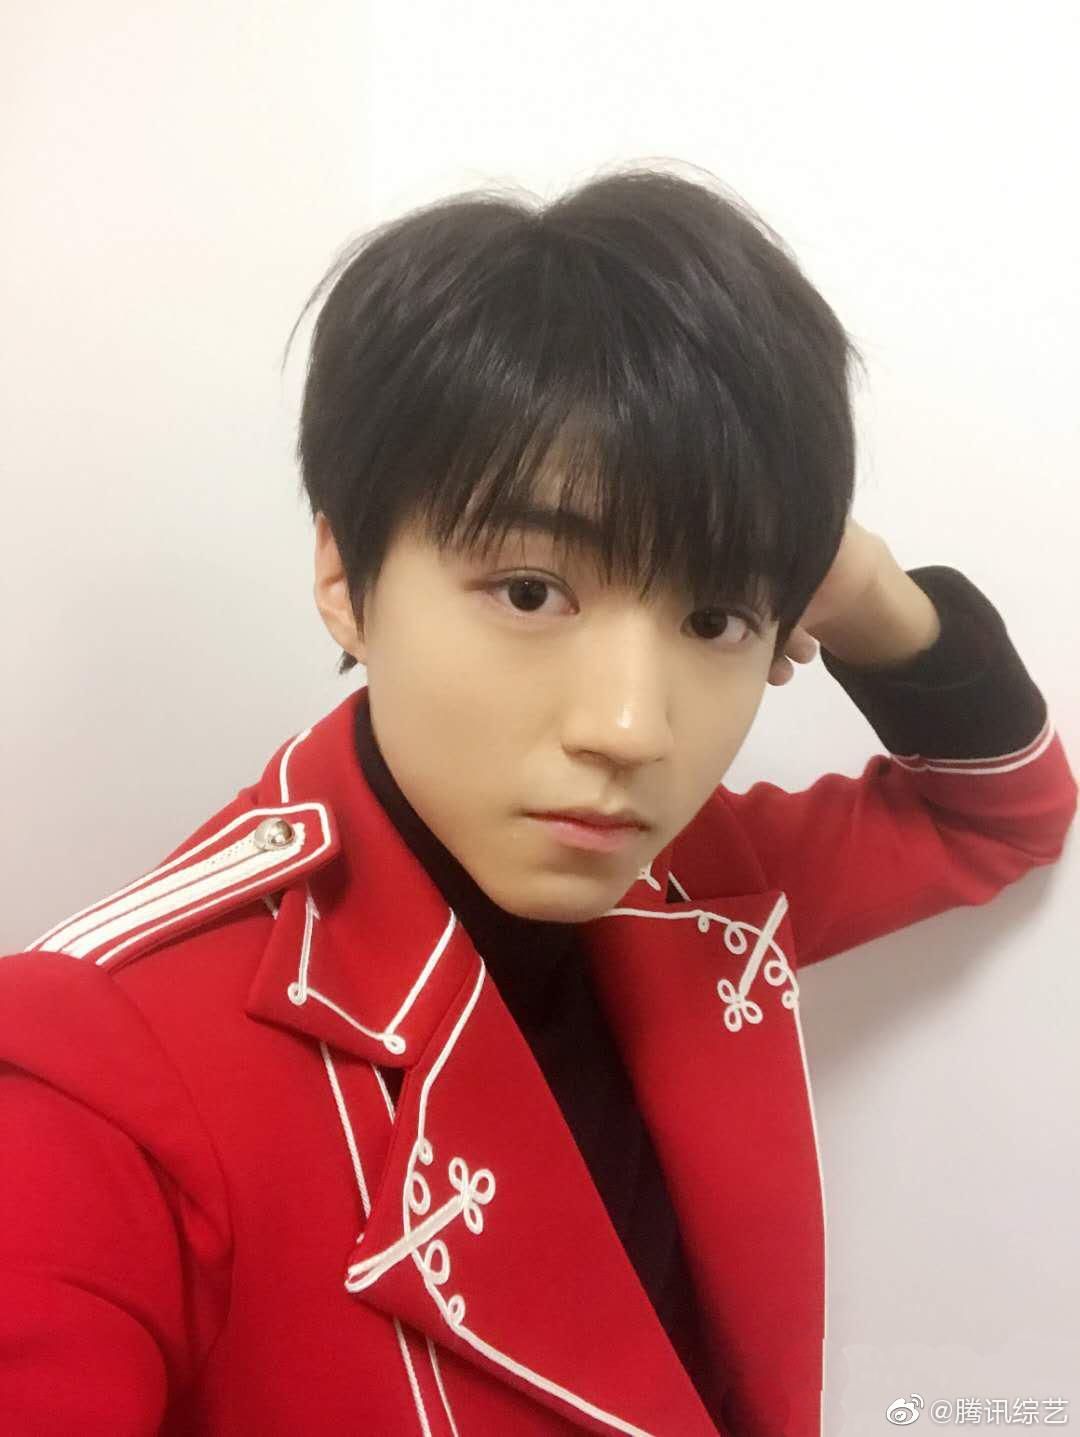 20岁的王俊凯自信热烈,21岁的王俊凯会拥有更多可能!